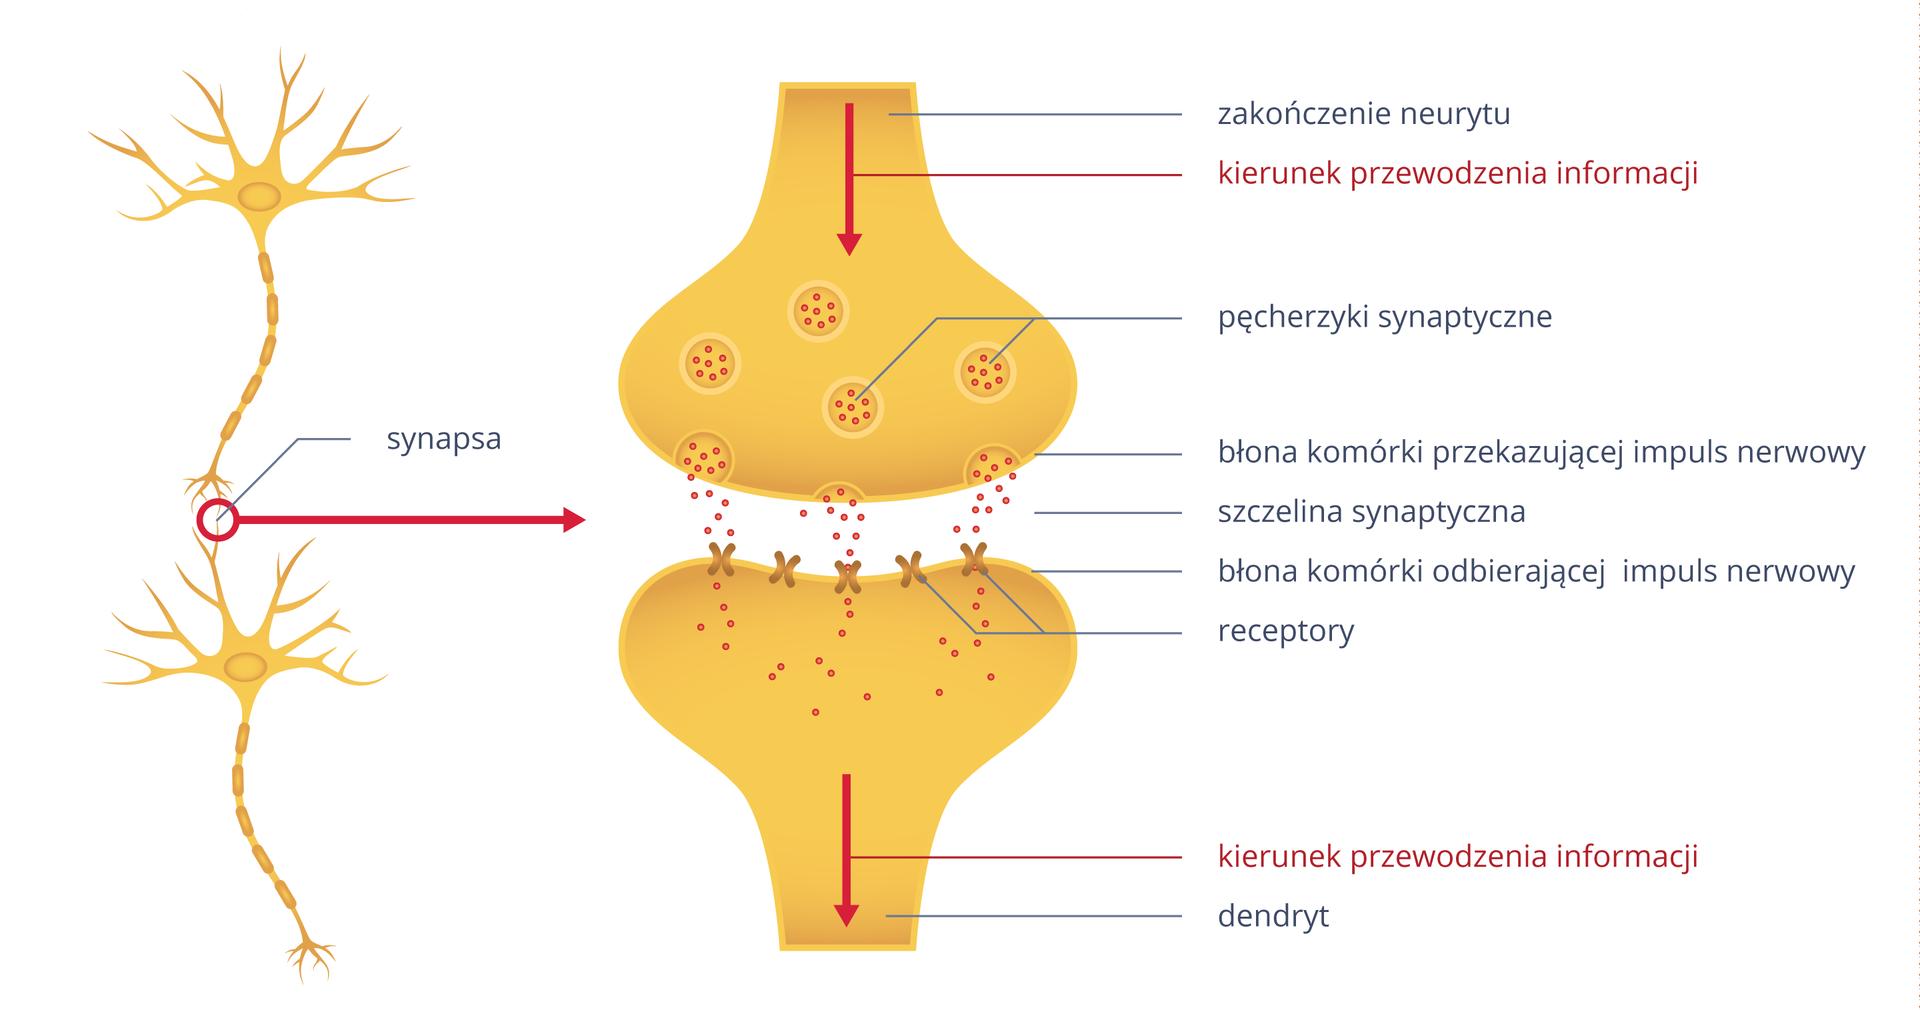 Ilustracja przedstawia zlewej dwa żółte neurony. Miejsce styku aksonu jednej zdendrytem drugiej to synapsa, ukazana wpowiększeniu po prawej. Cebulowate kształty to ugóry zakończenie neurytu, audołu dendryt. Czerwone strzałki wskazują kierunek przewodzenia informacji. Wewnątrz zakończenia neurytu znajdują się pęcherzyki synaptyczne zczerwonymi kropkami. Przy błonie pęcherzyki pękają, asubstancja pośrednicząca przechodzi do szczeliny synaptycznej. Na błonie komórki odbierającej impuls znajdują się receptory, tu jako krzyżyki. Na nie trafiają czerwone kropki substancji pośredniczącej ipobudzają dendryt.